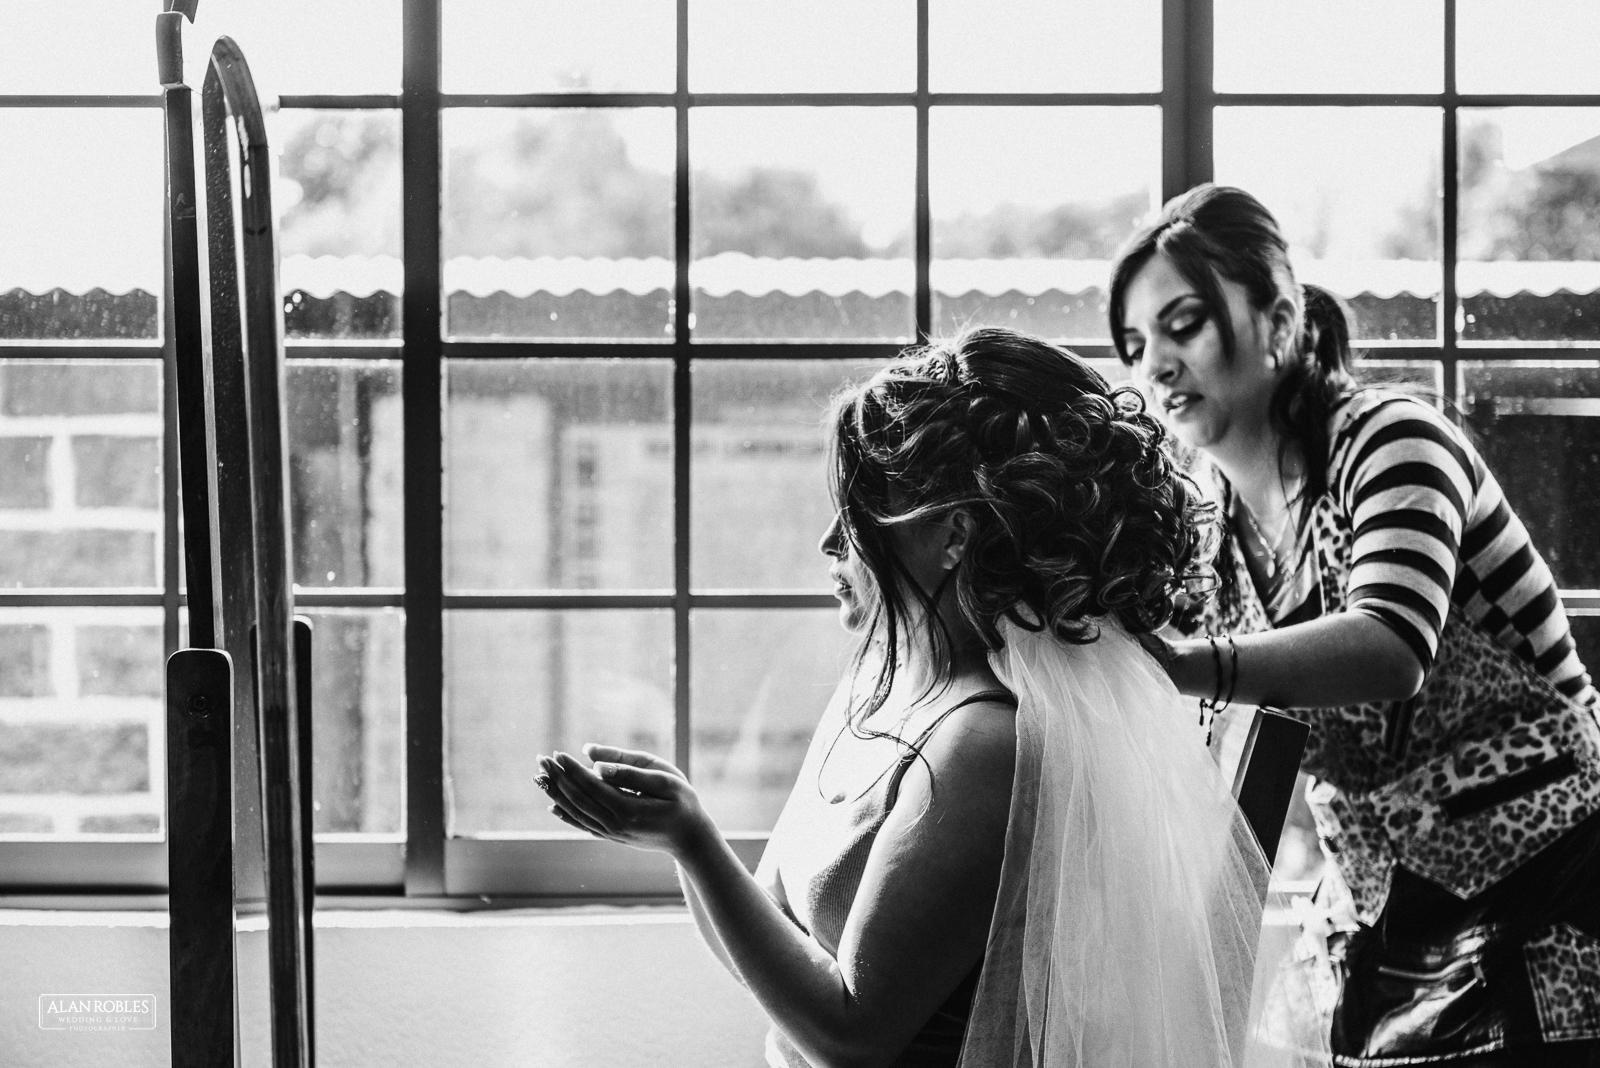 Fotografo de bodas Alan Robles-Michoacan-11